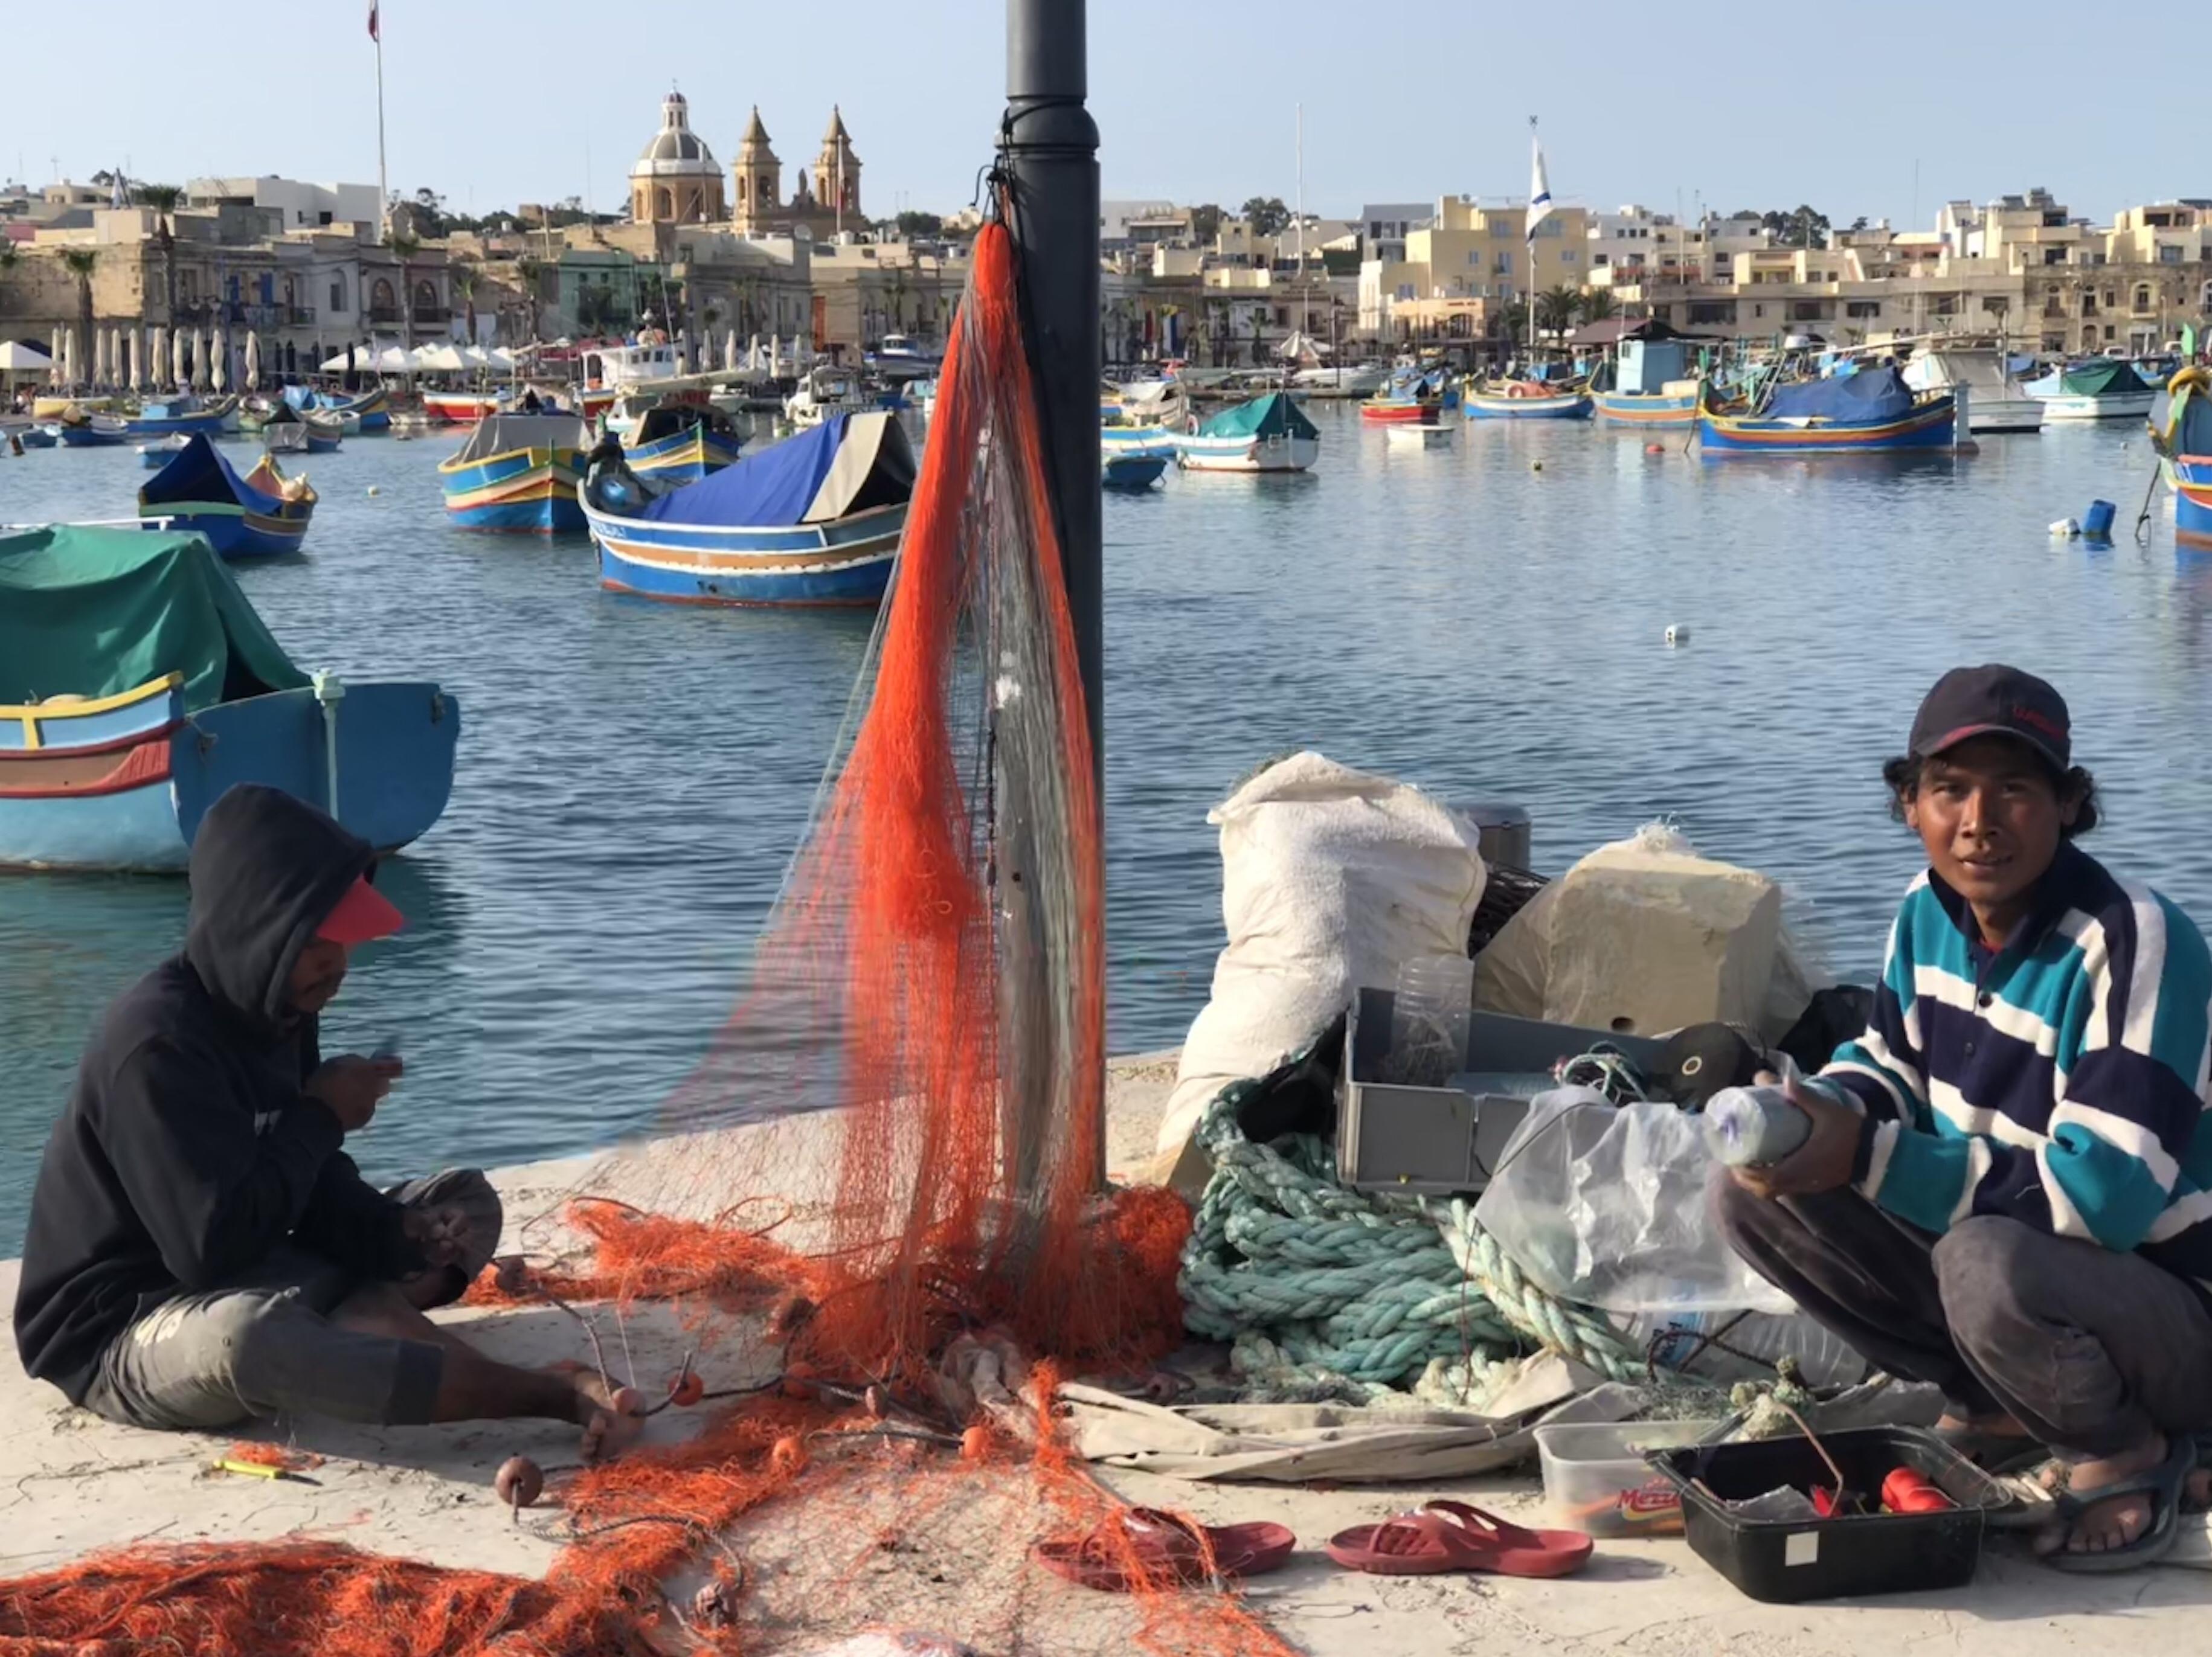 Migrant workers repairing nets in Marsaxlokk